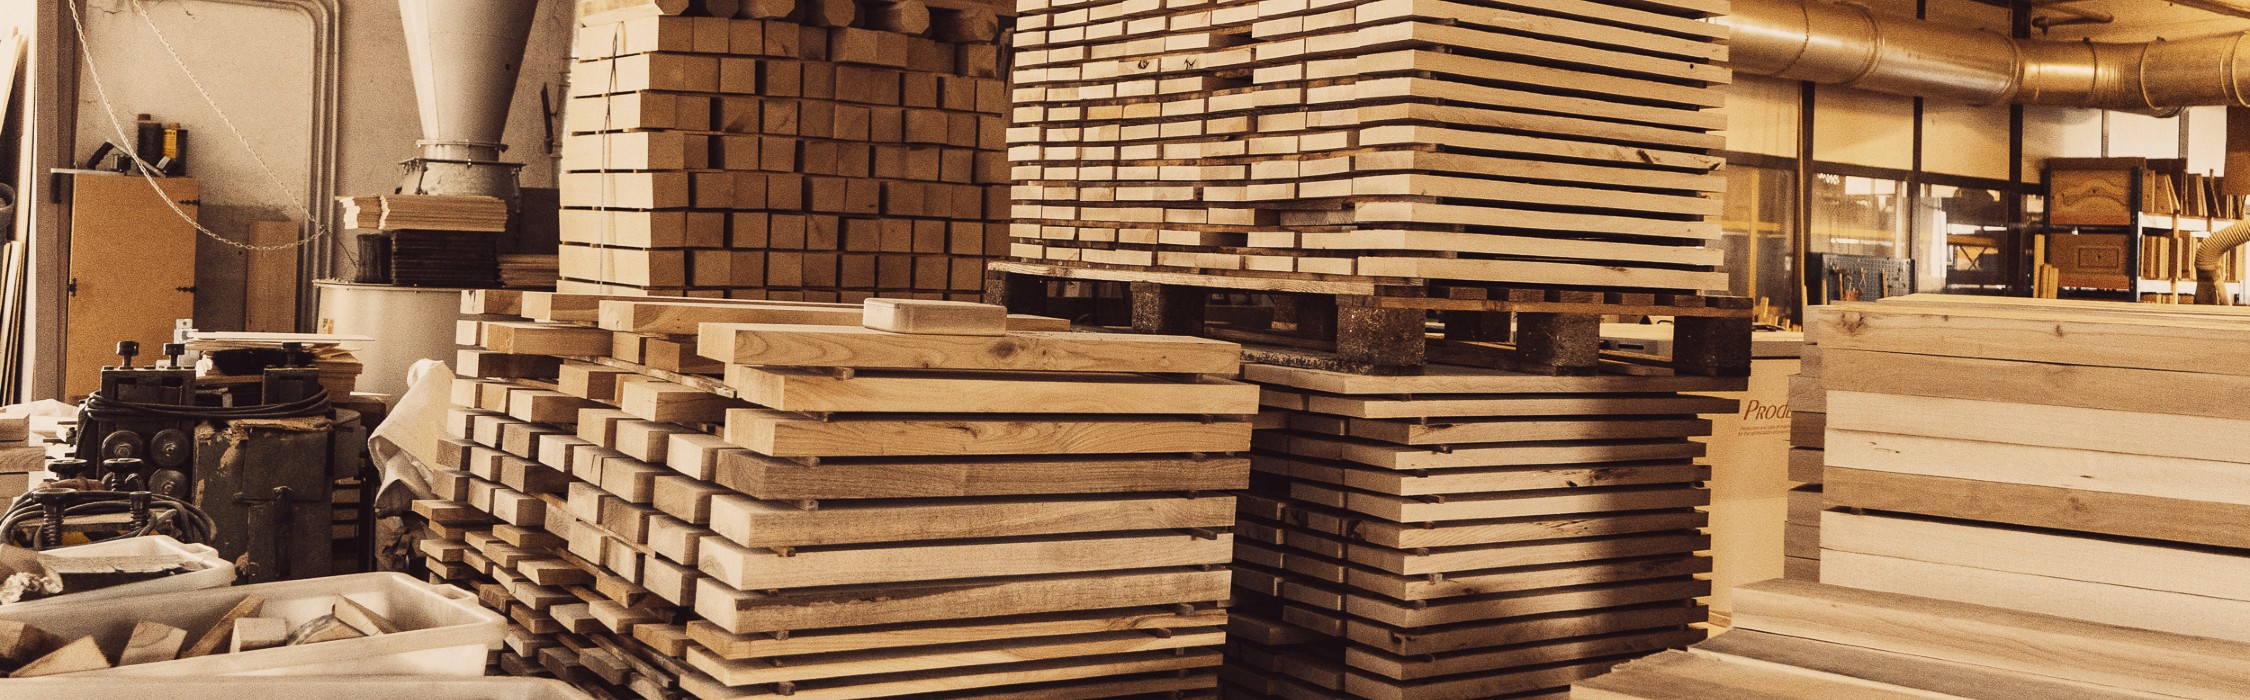 legname stoccato in azienda